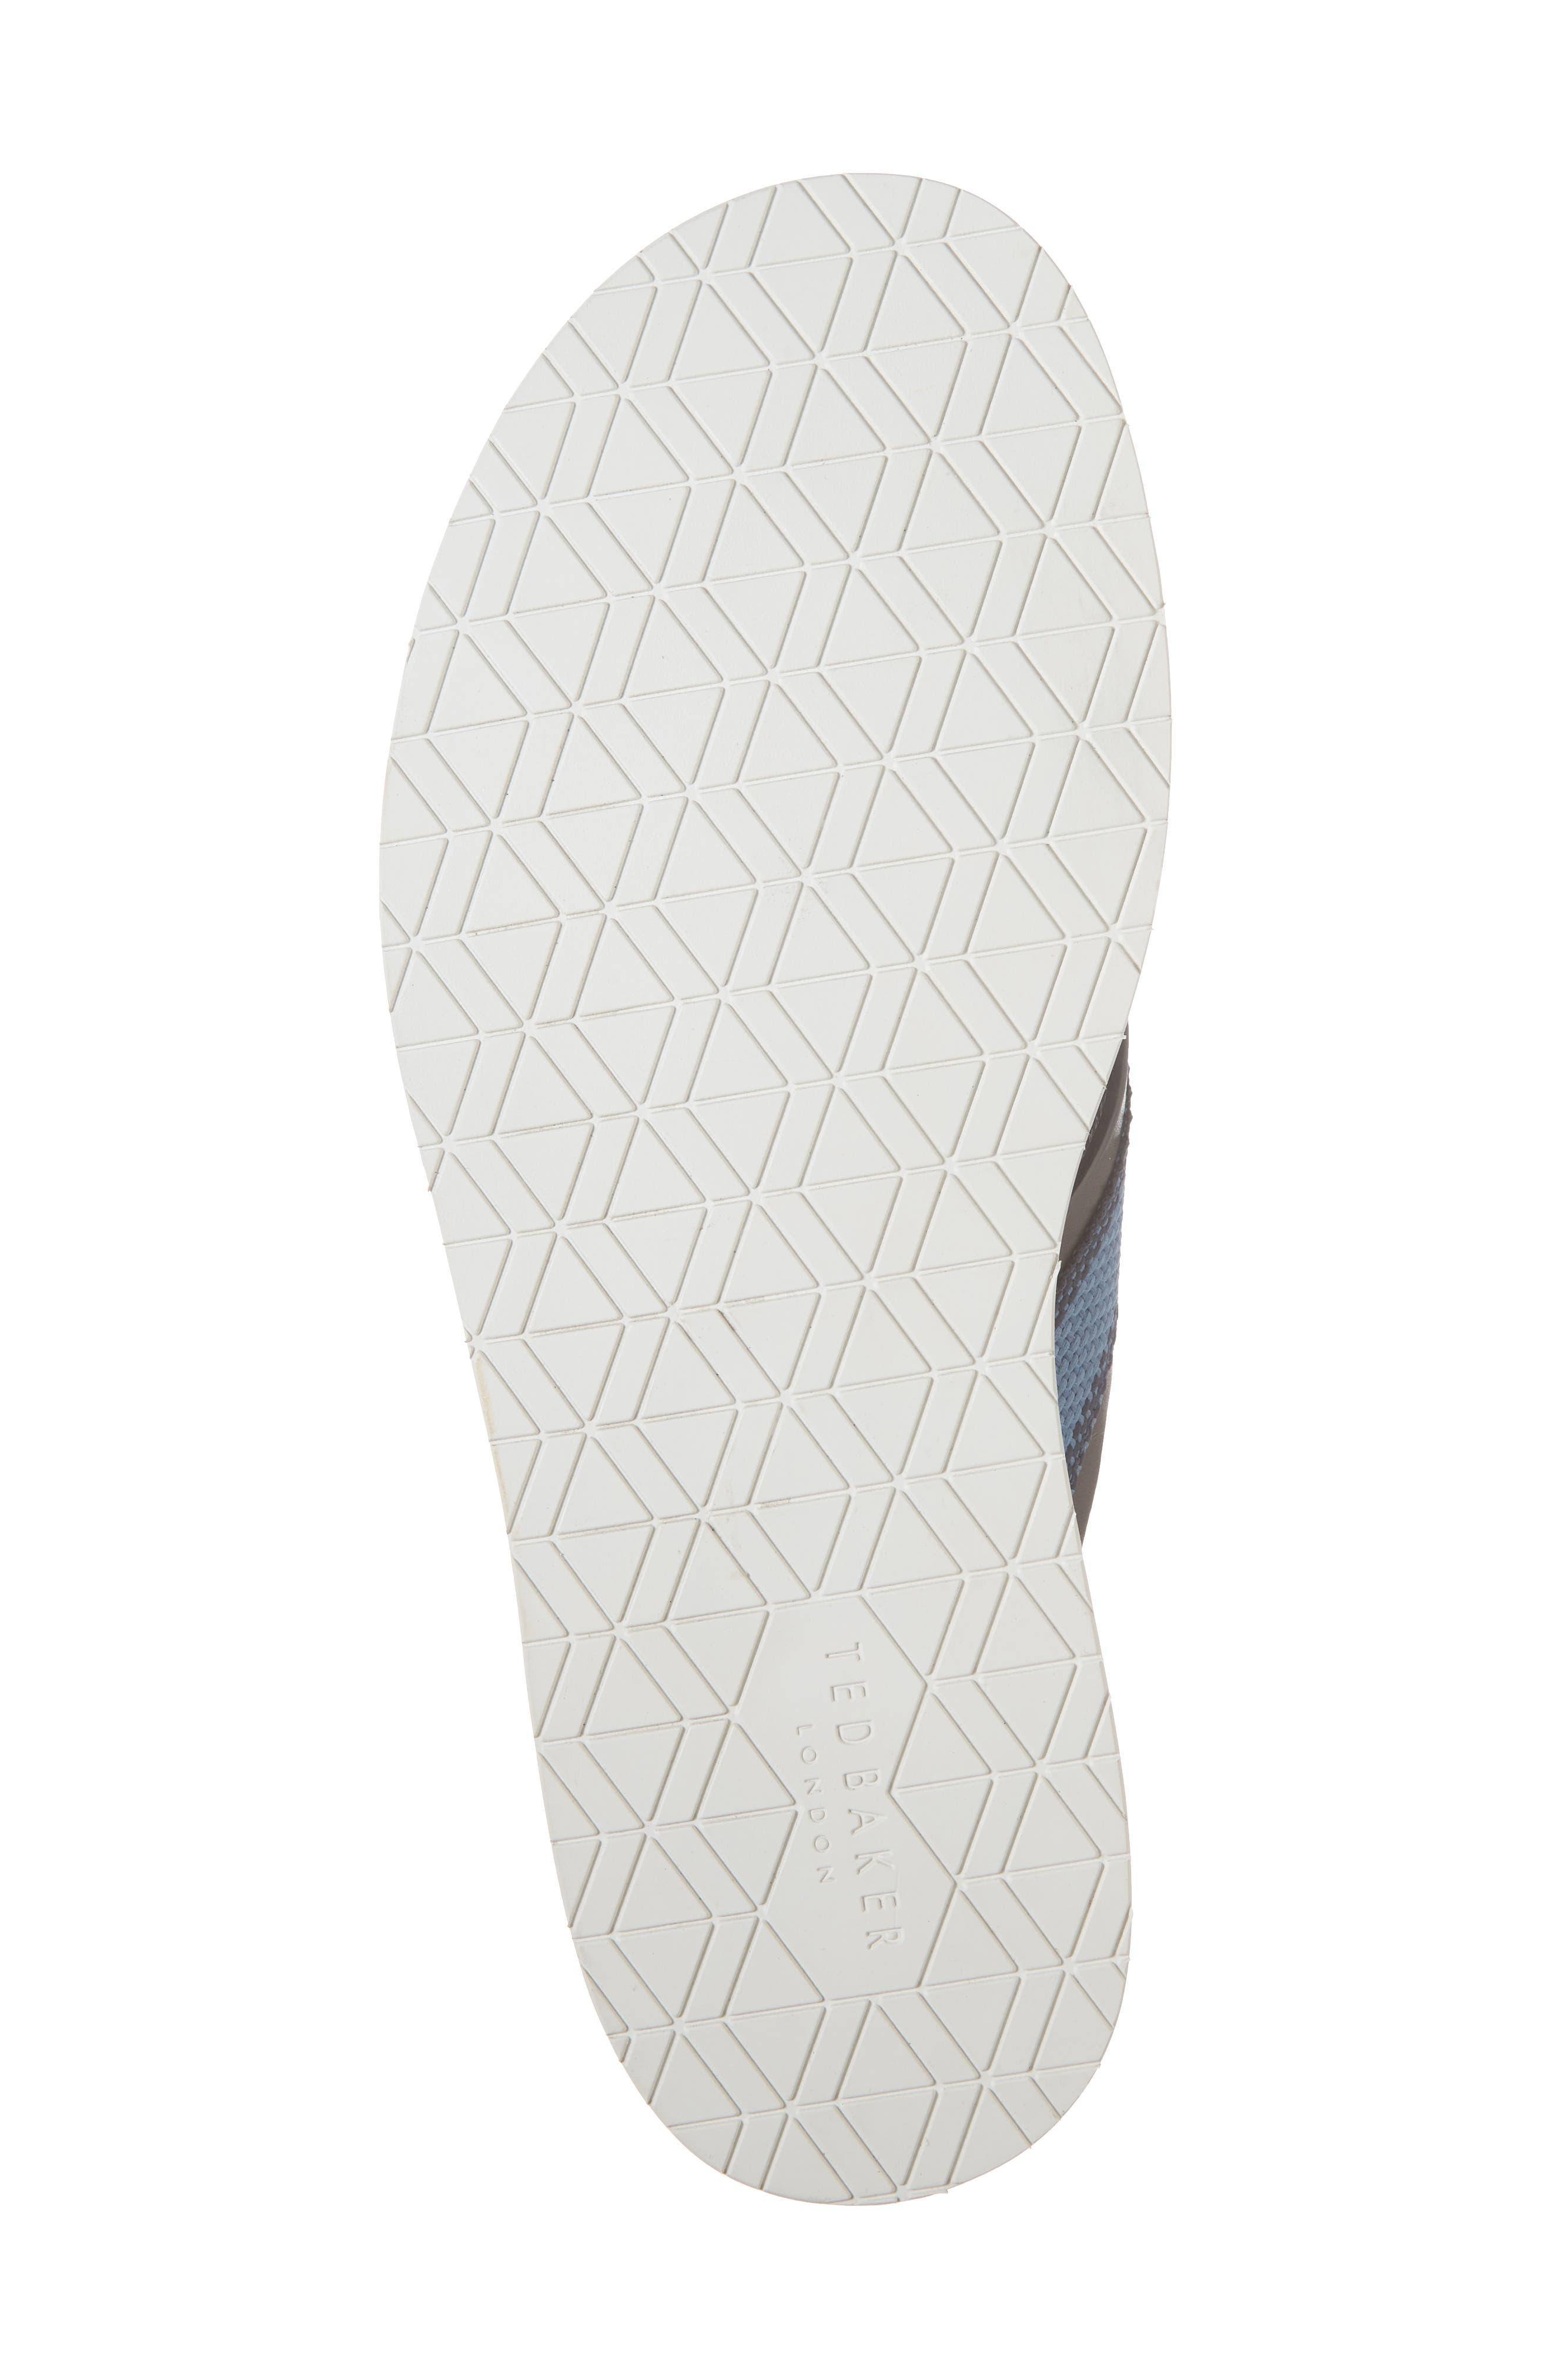 Knowlun Flip Flop,                             Alternate thumbnail 6, color,                             Brown Leather/Textile